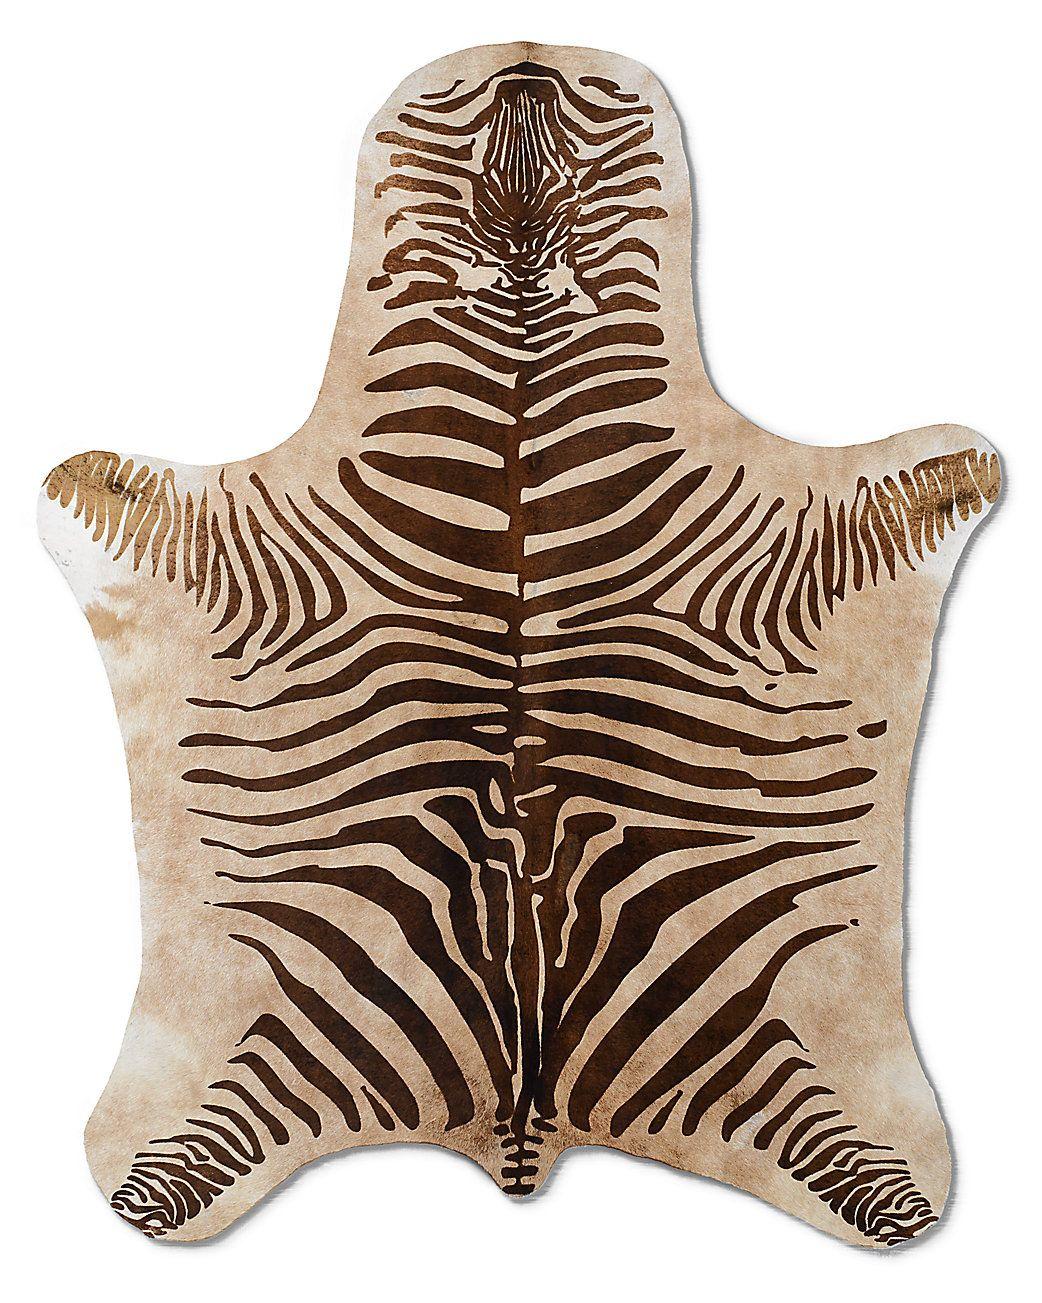 Argentine Zebra Hide Zebra Cowhide Rug Zebra Cowhide Cow Hide Rug